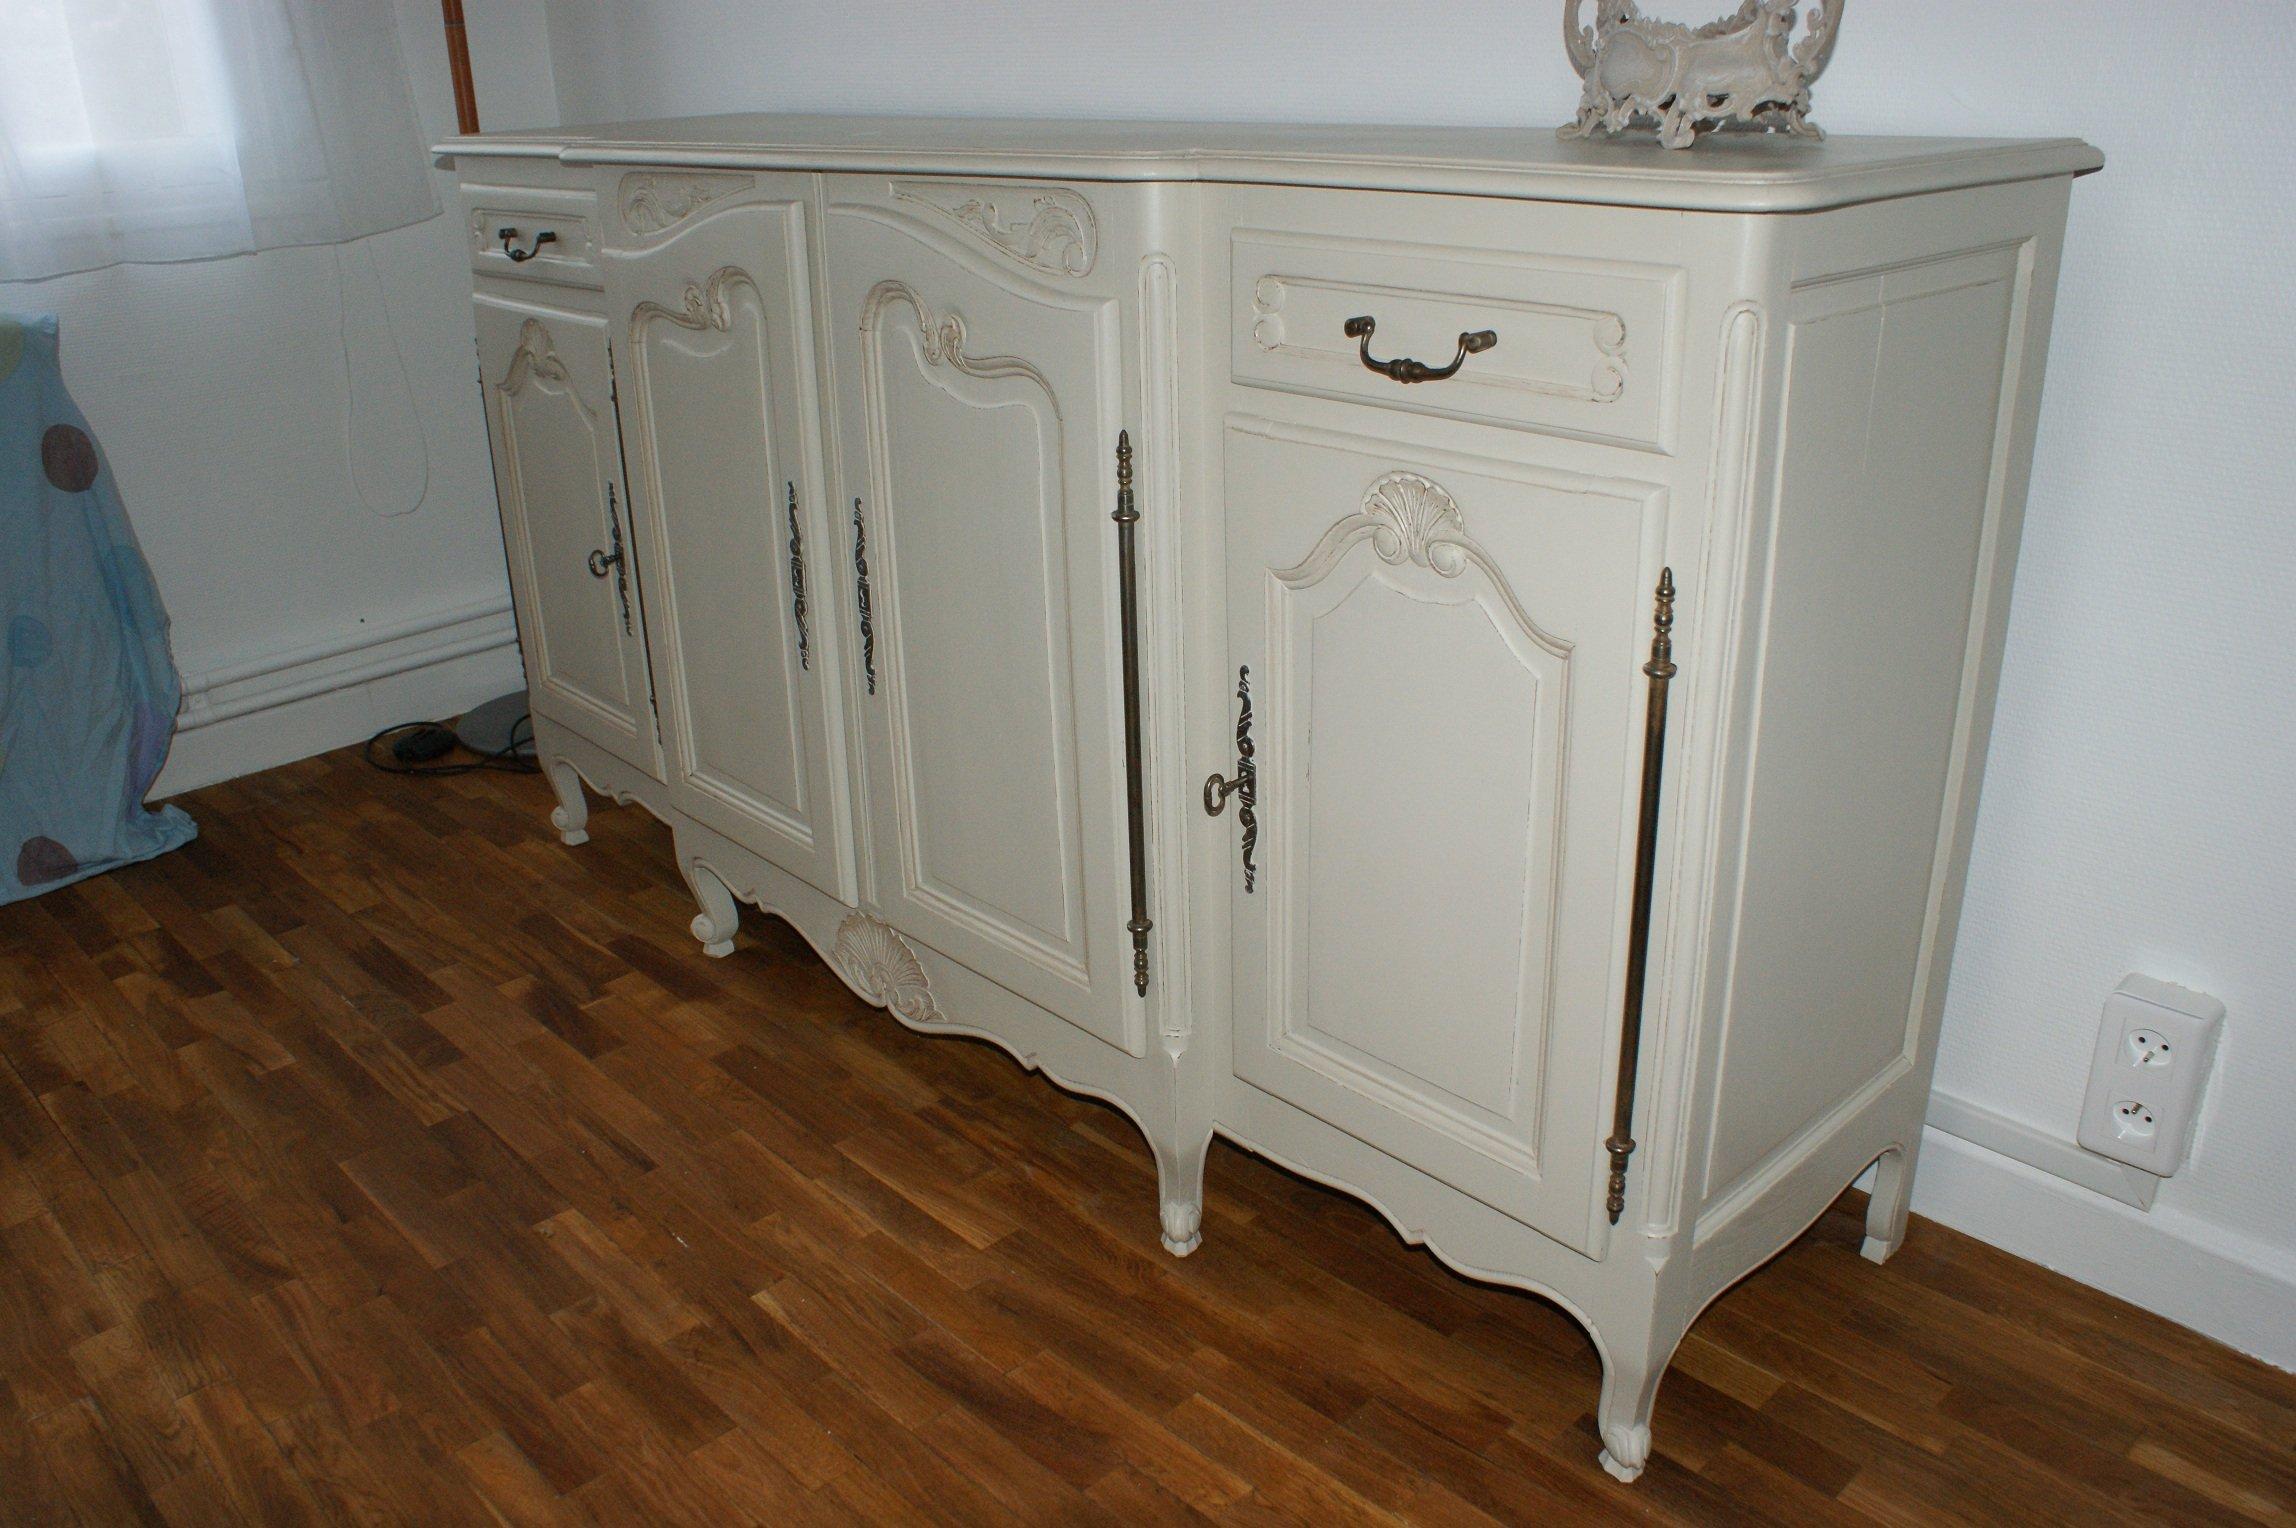 Nos vieux meubles r nov s relook s et patin s r sultats - Meuble merisier peint ...